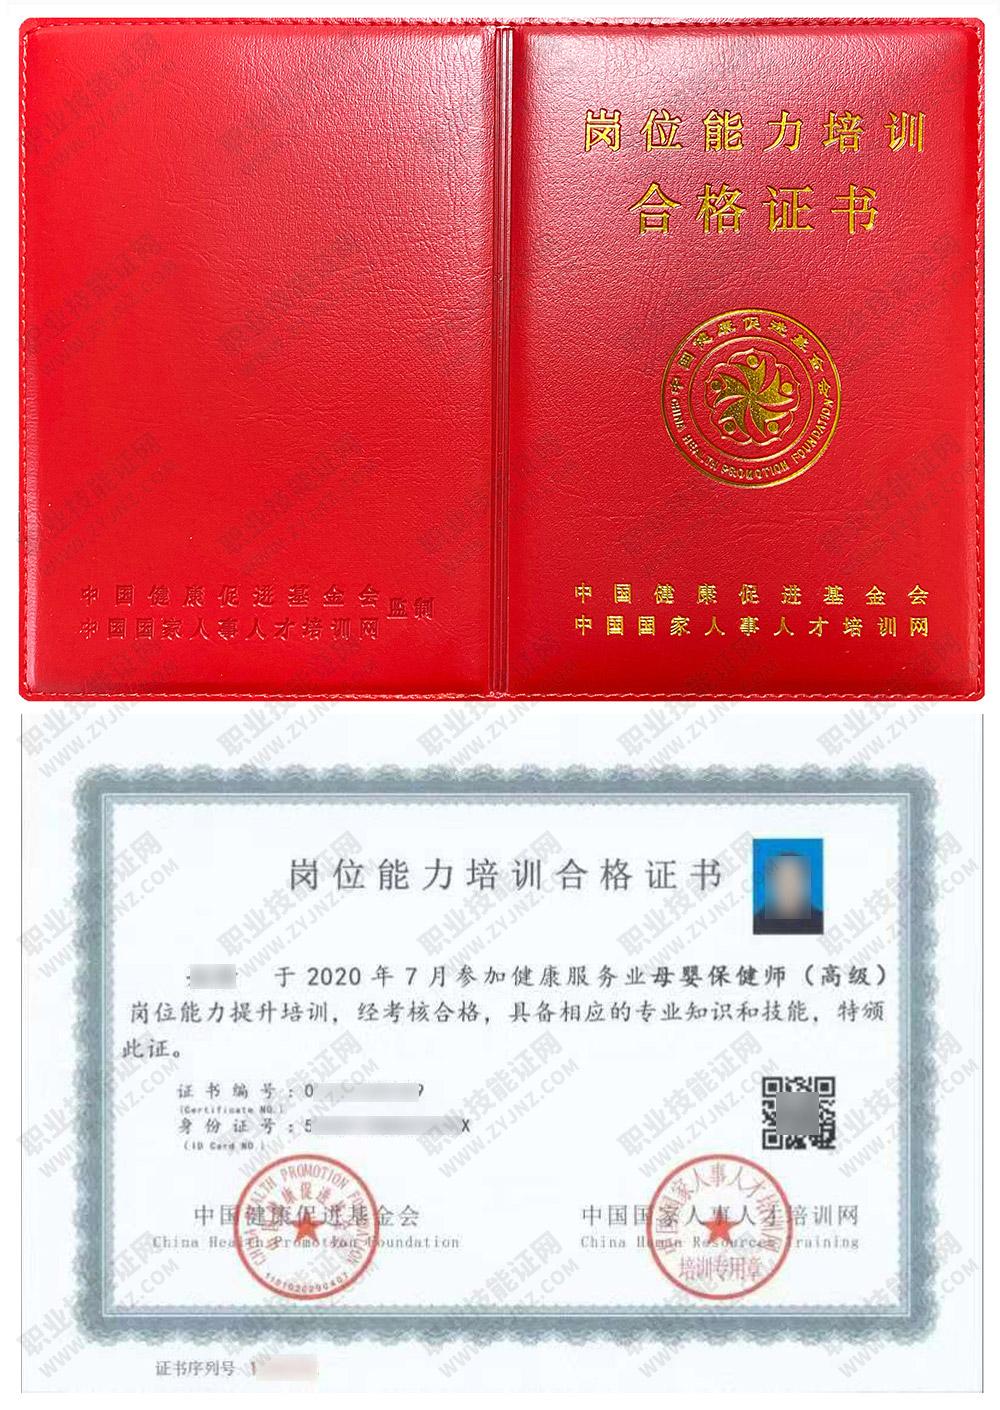 中国国家人事人才培训网 岗位能力培训合格证书 母婴保健师证证书样本